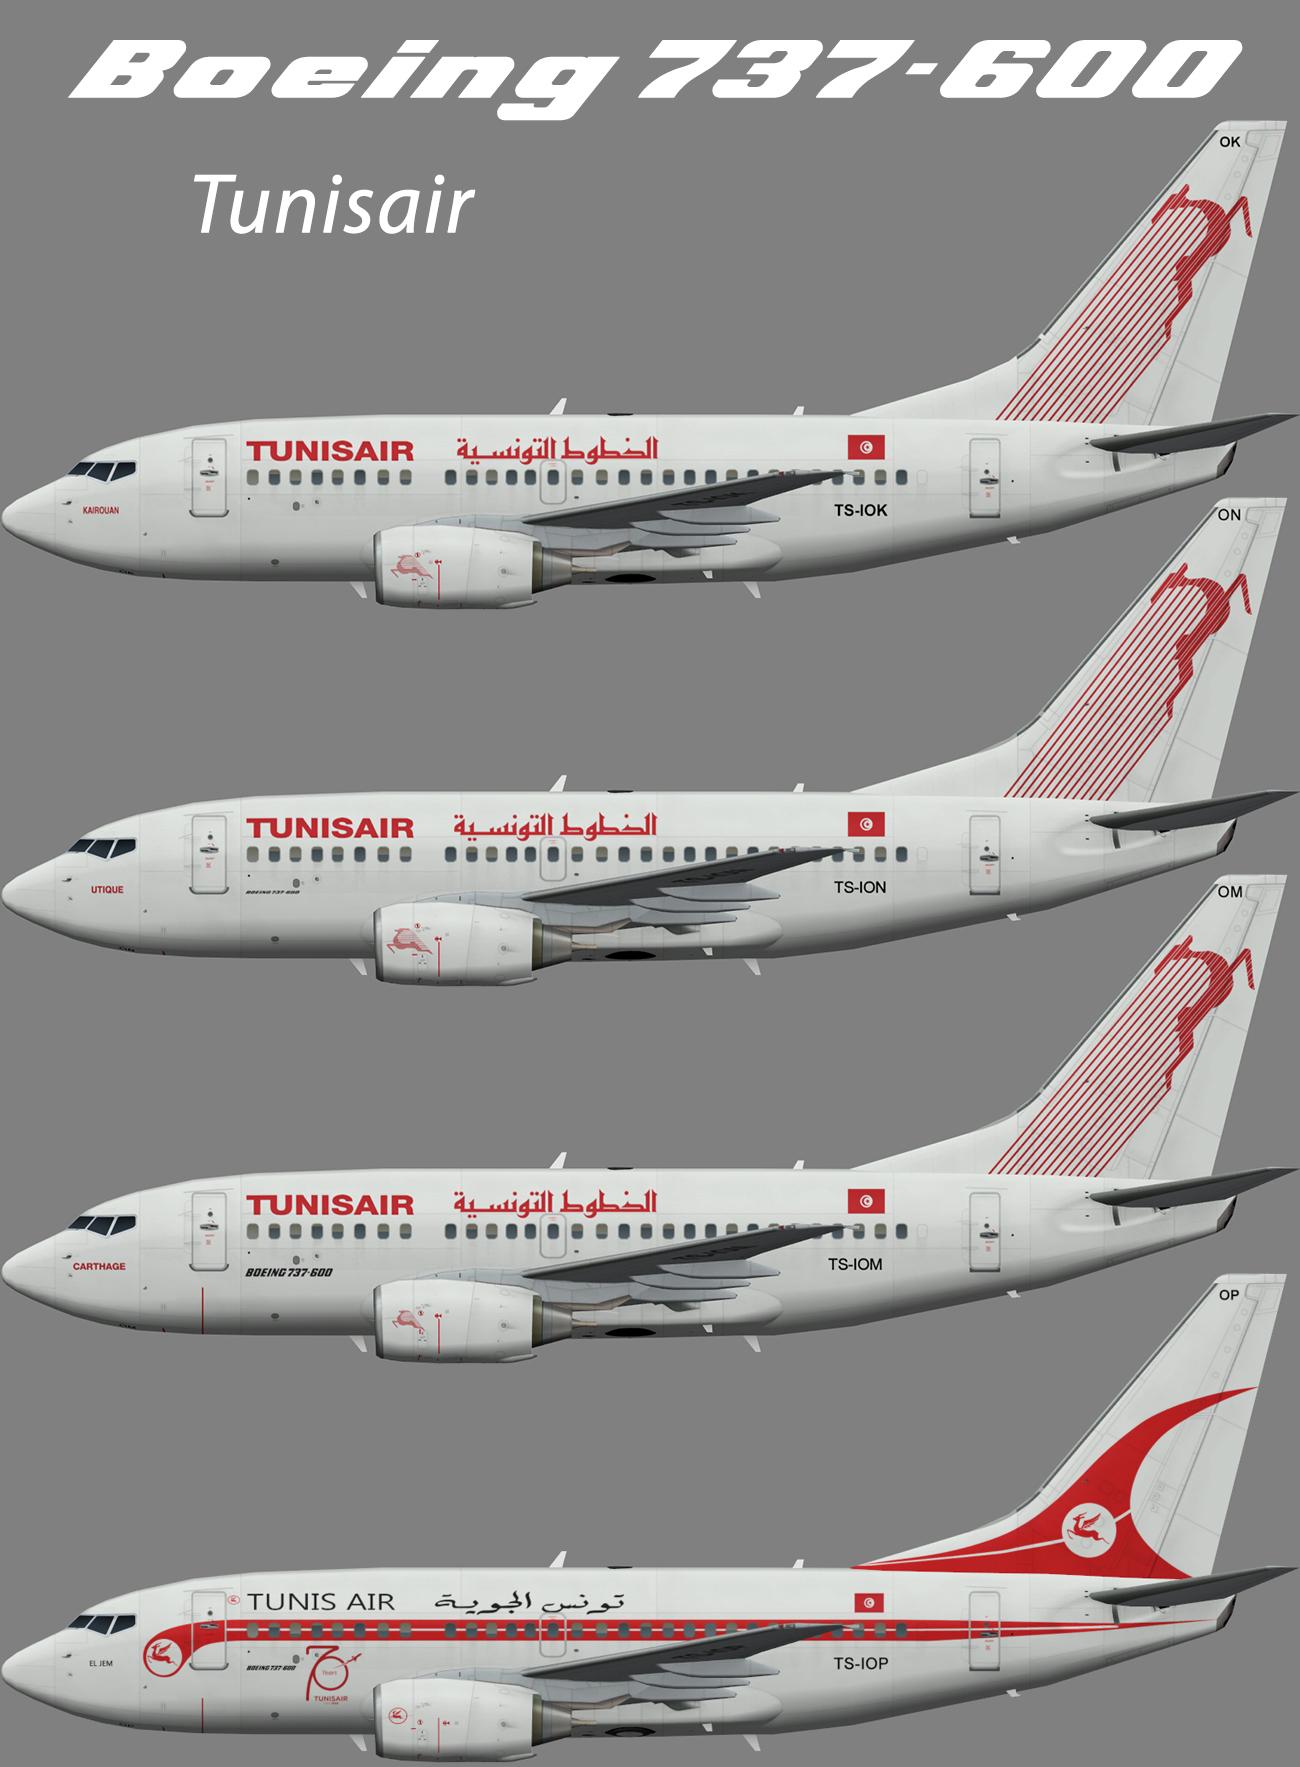 Tunisair Boeing 737-600 – Nils